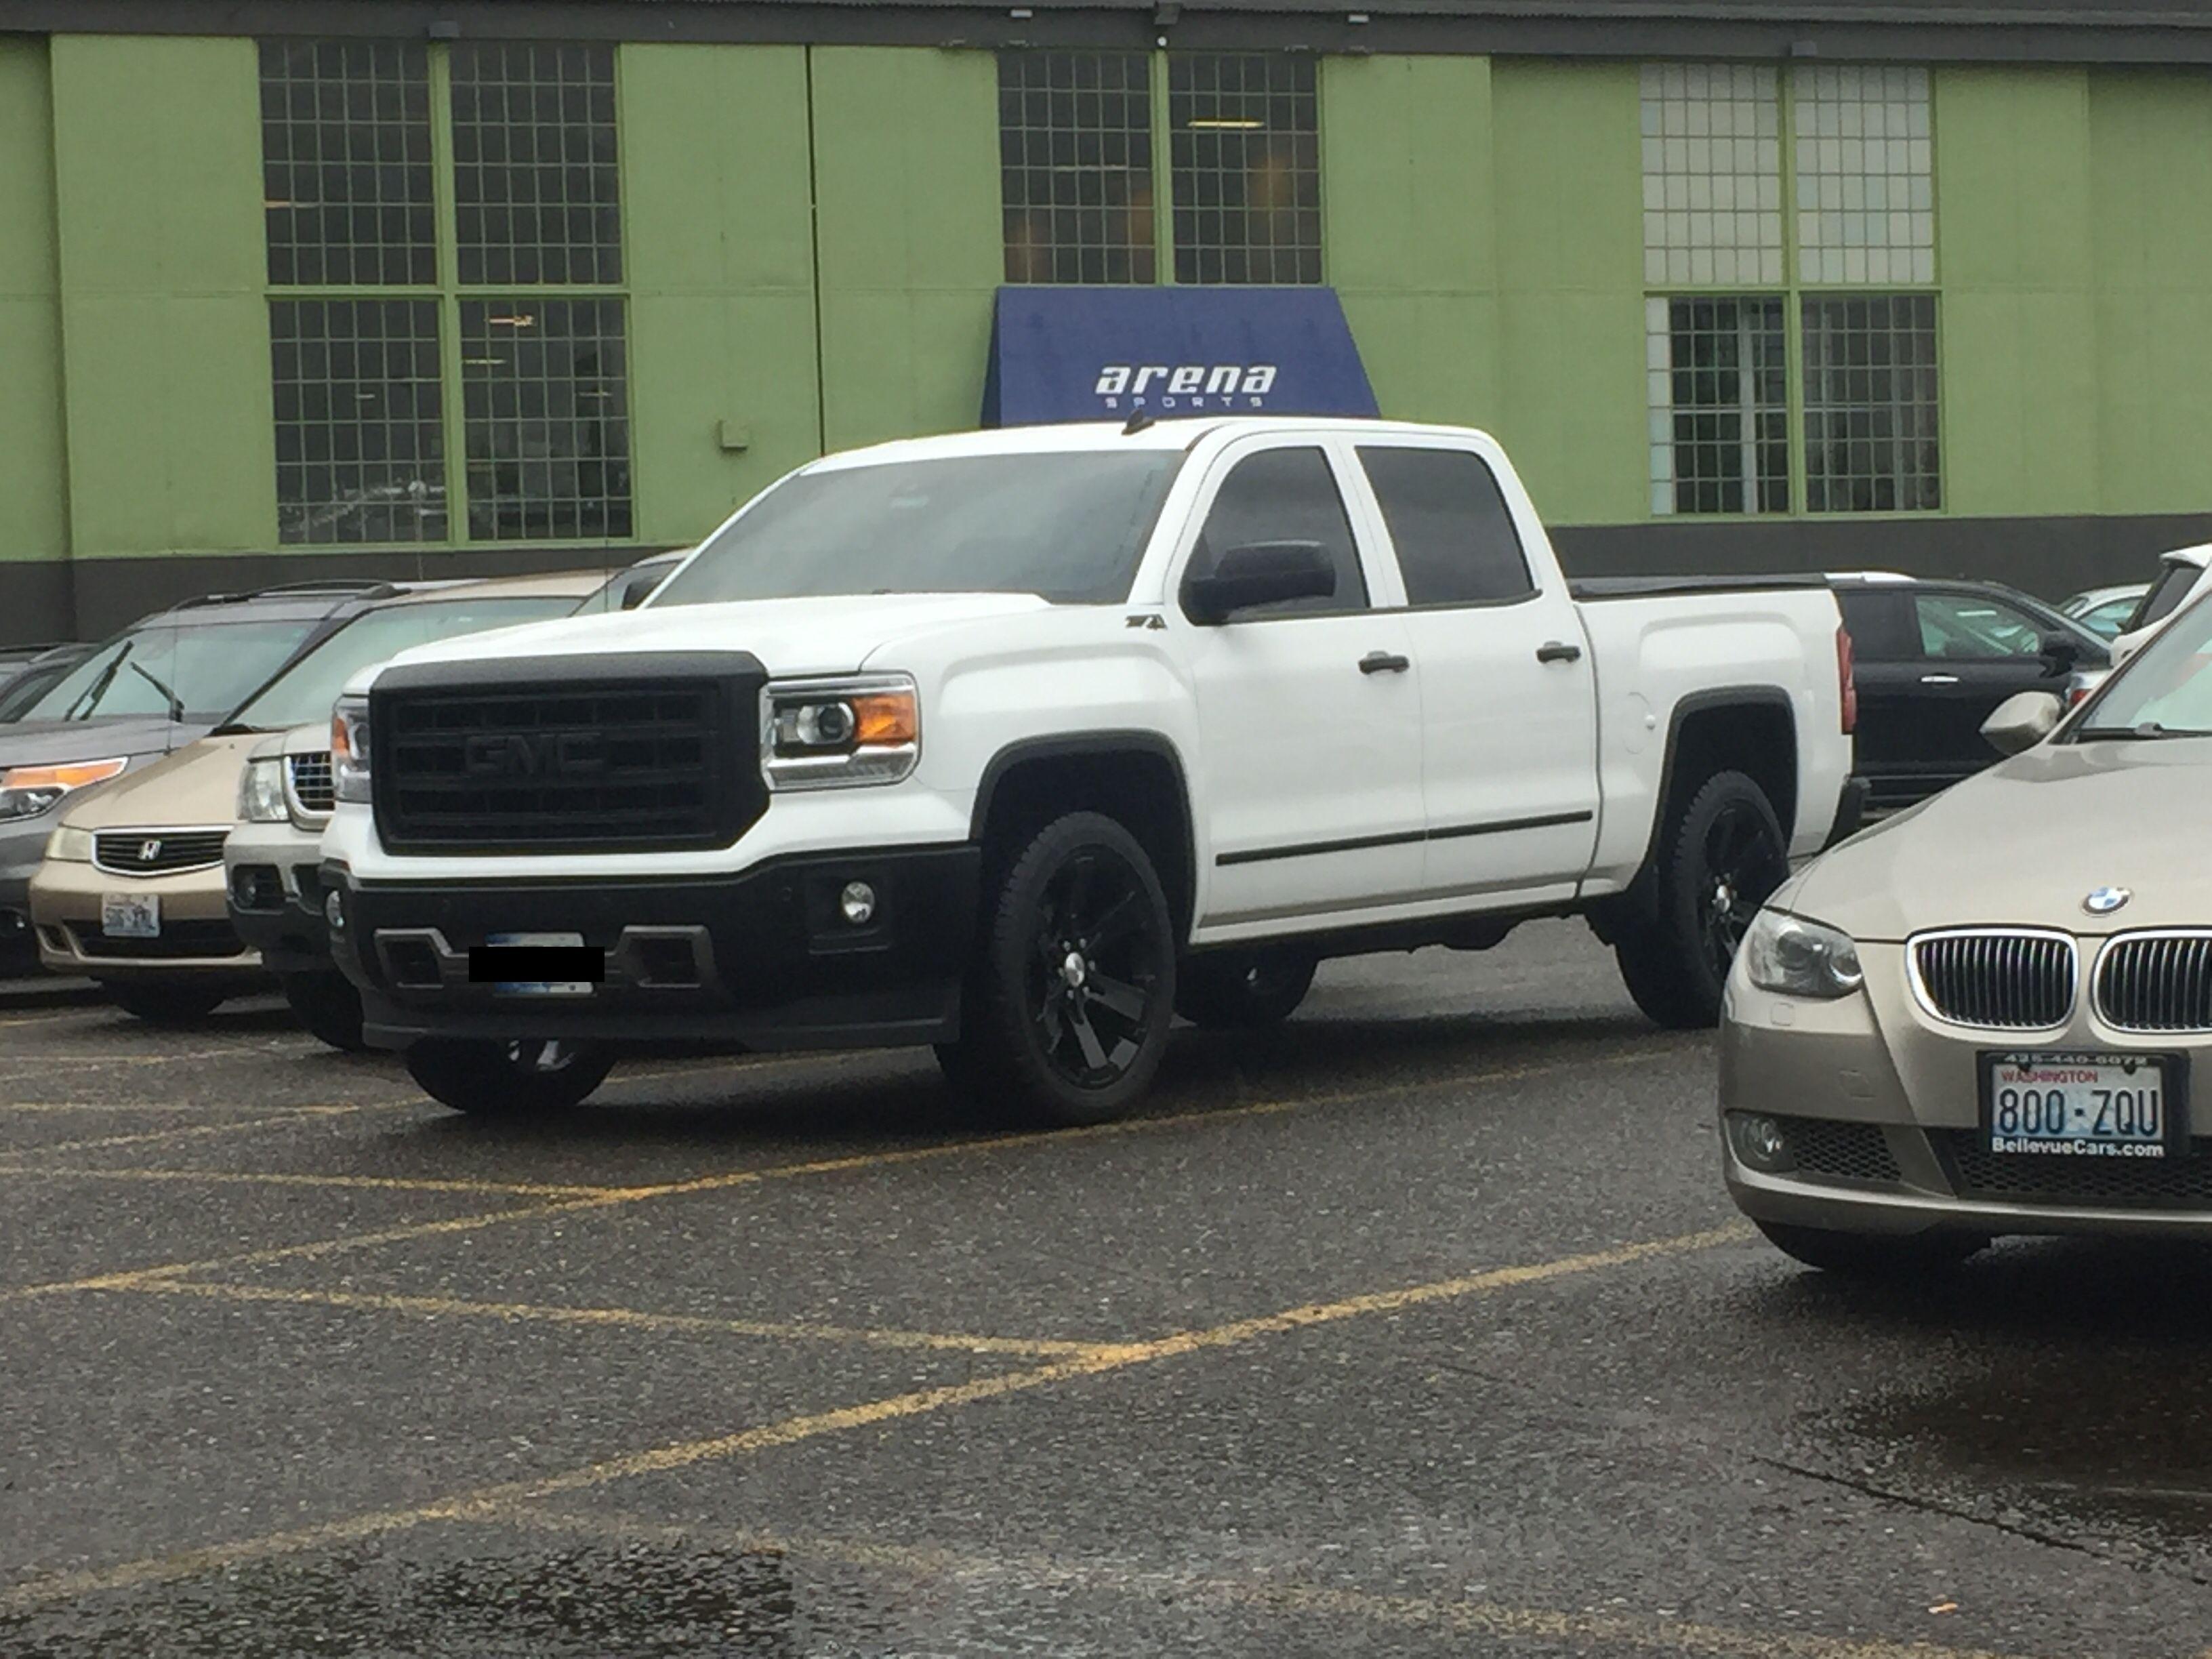 Murdered our gmc sierra 1500 with black 22 inch gmc wheels blacked out grille sierra 1500door handlesbadgestruckswheels